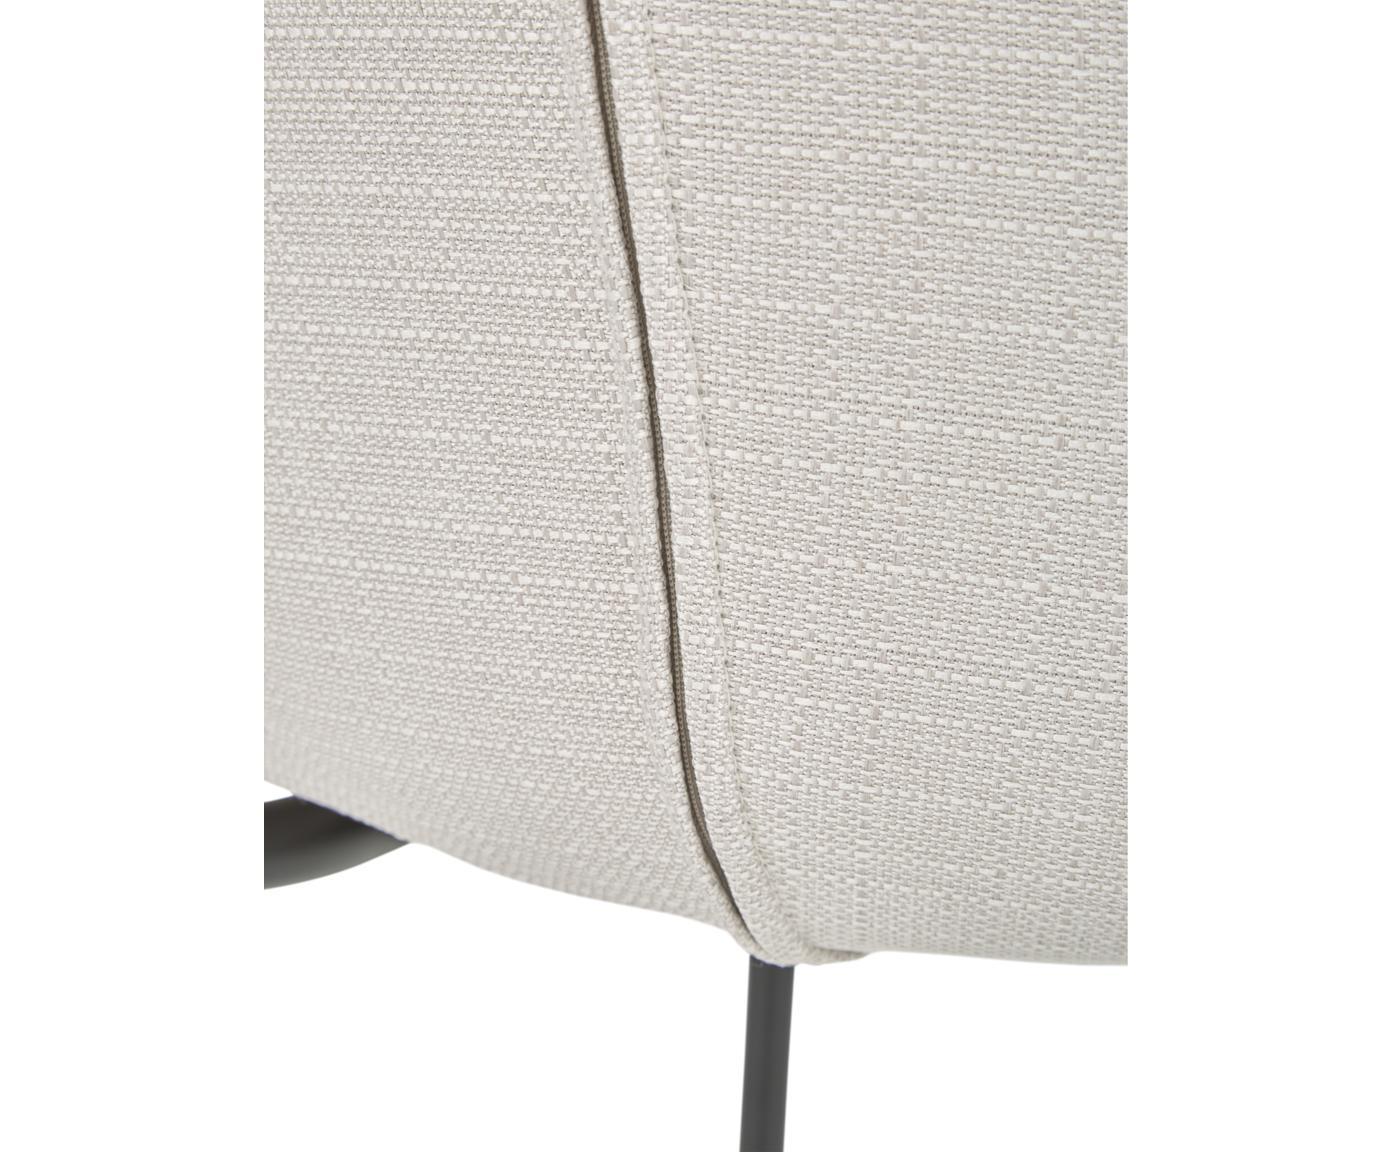 Polsterstuhl Tess, Bezug: Polyester 25.000 Scheuert, Beine: Metall, pulverbeschichtet, Webstoff Cremeweiß, Beine Schwarz, B 48 x T 64 cm